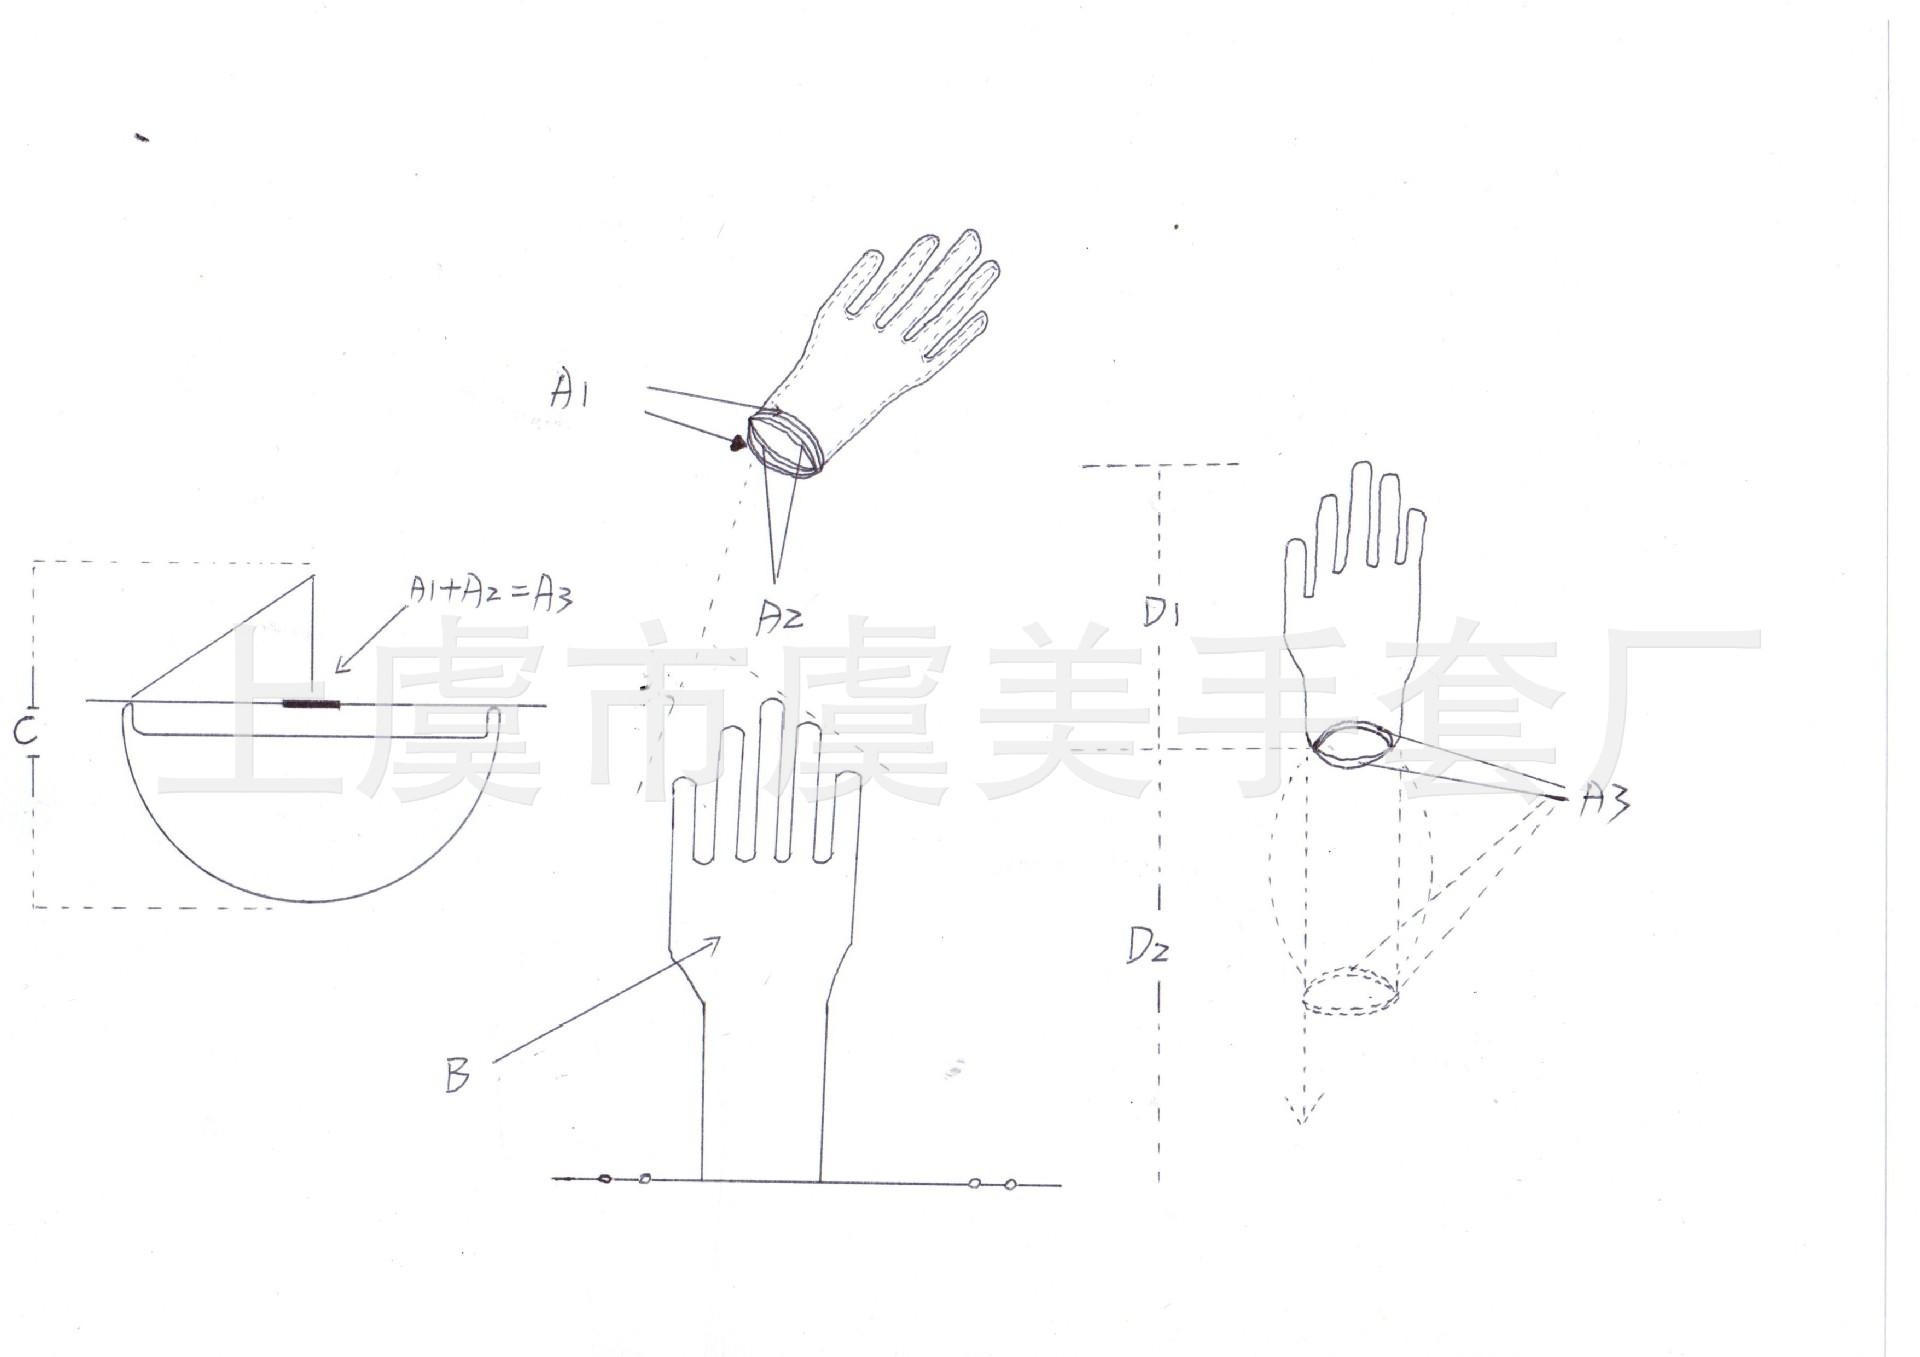 双层手套专利,实用新型一种新型手套专利合作